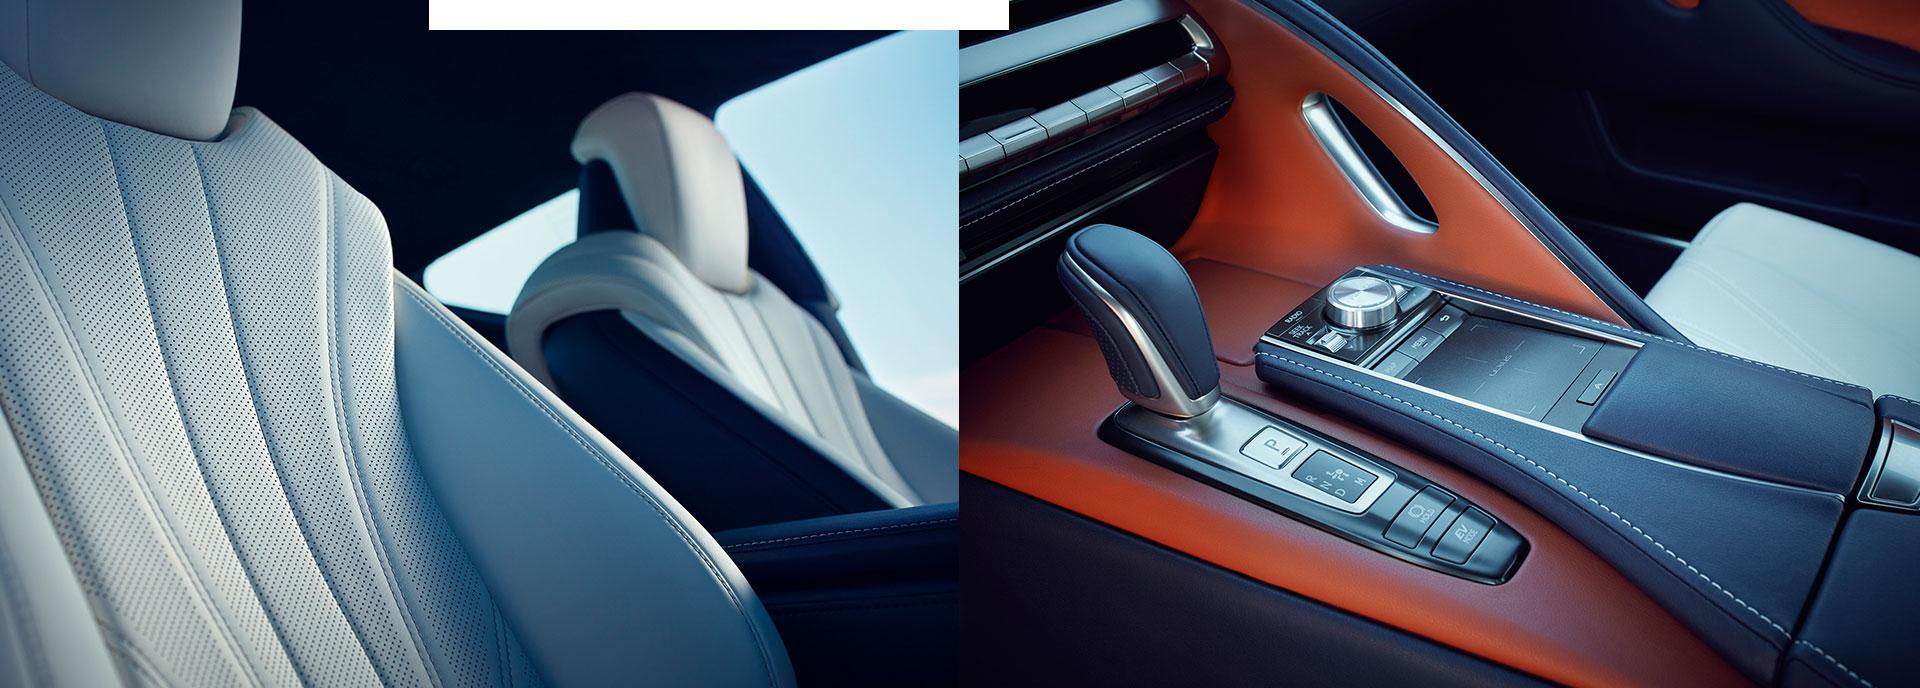 2017 Lexus LC 500h Interior